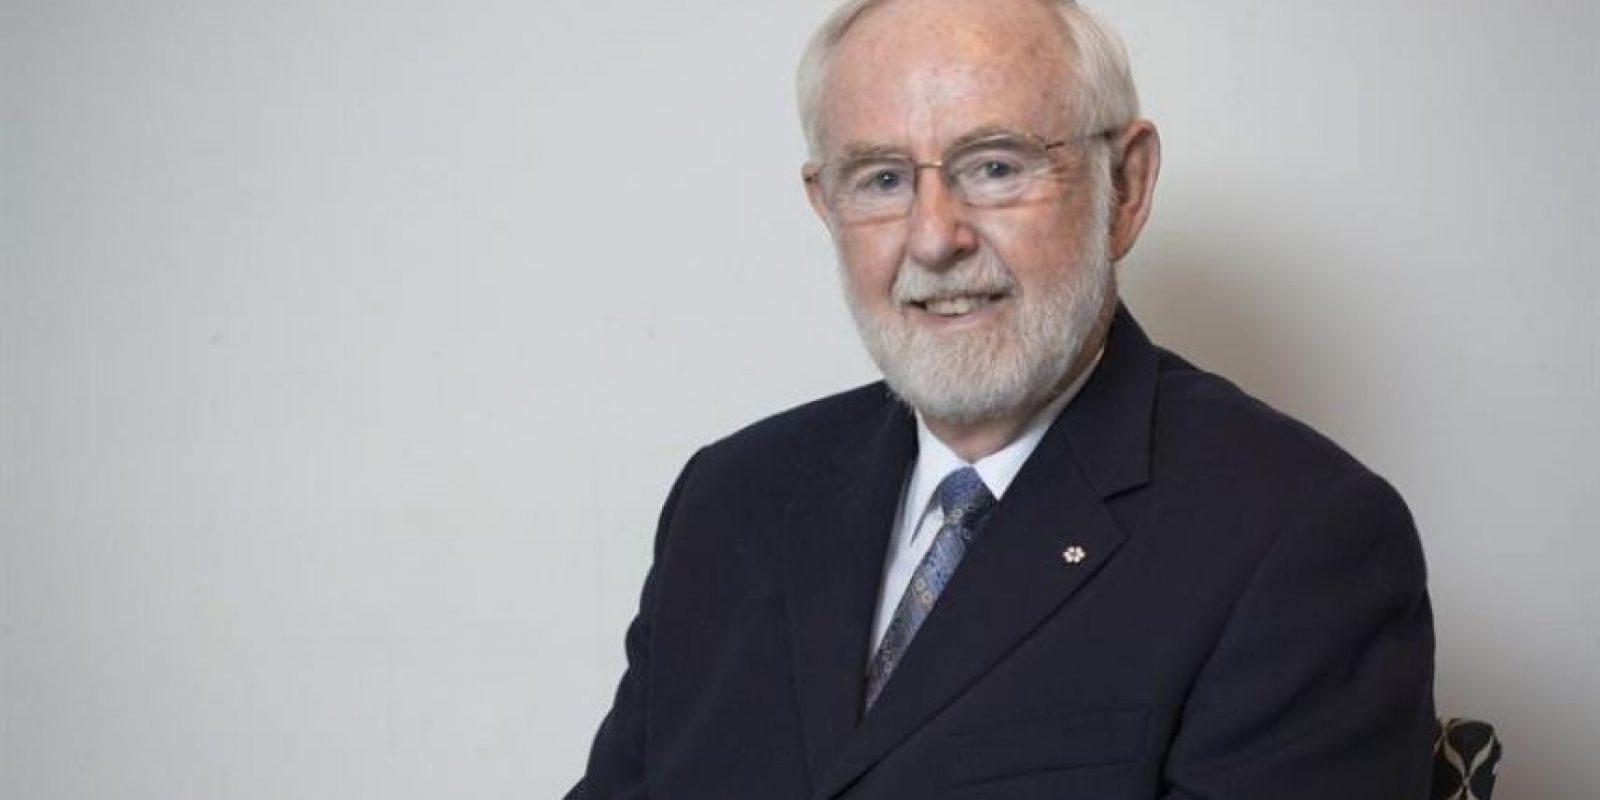 Fotografía sin fechar facilitada por la Queen's University hoy, 6 de octubre de 2015 del científico canadiense Arthur B. McDonald. Foto:EFE